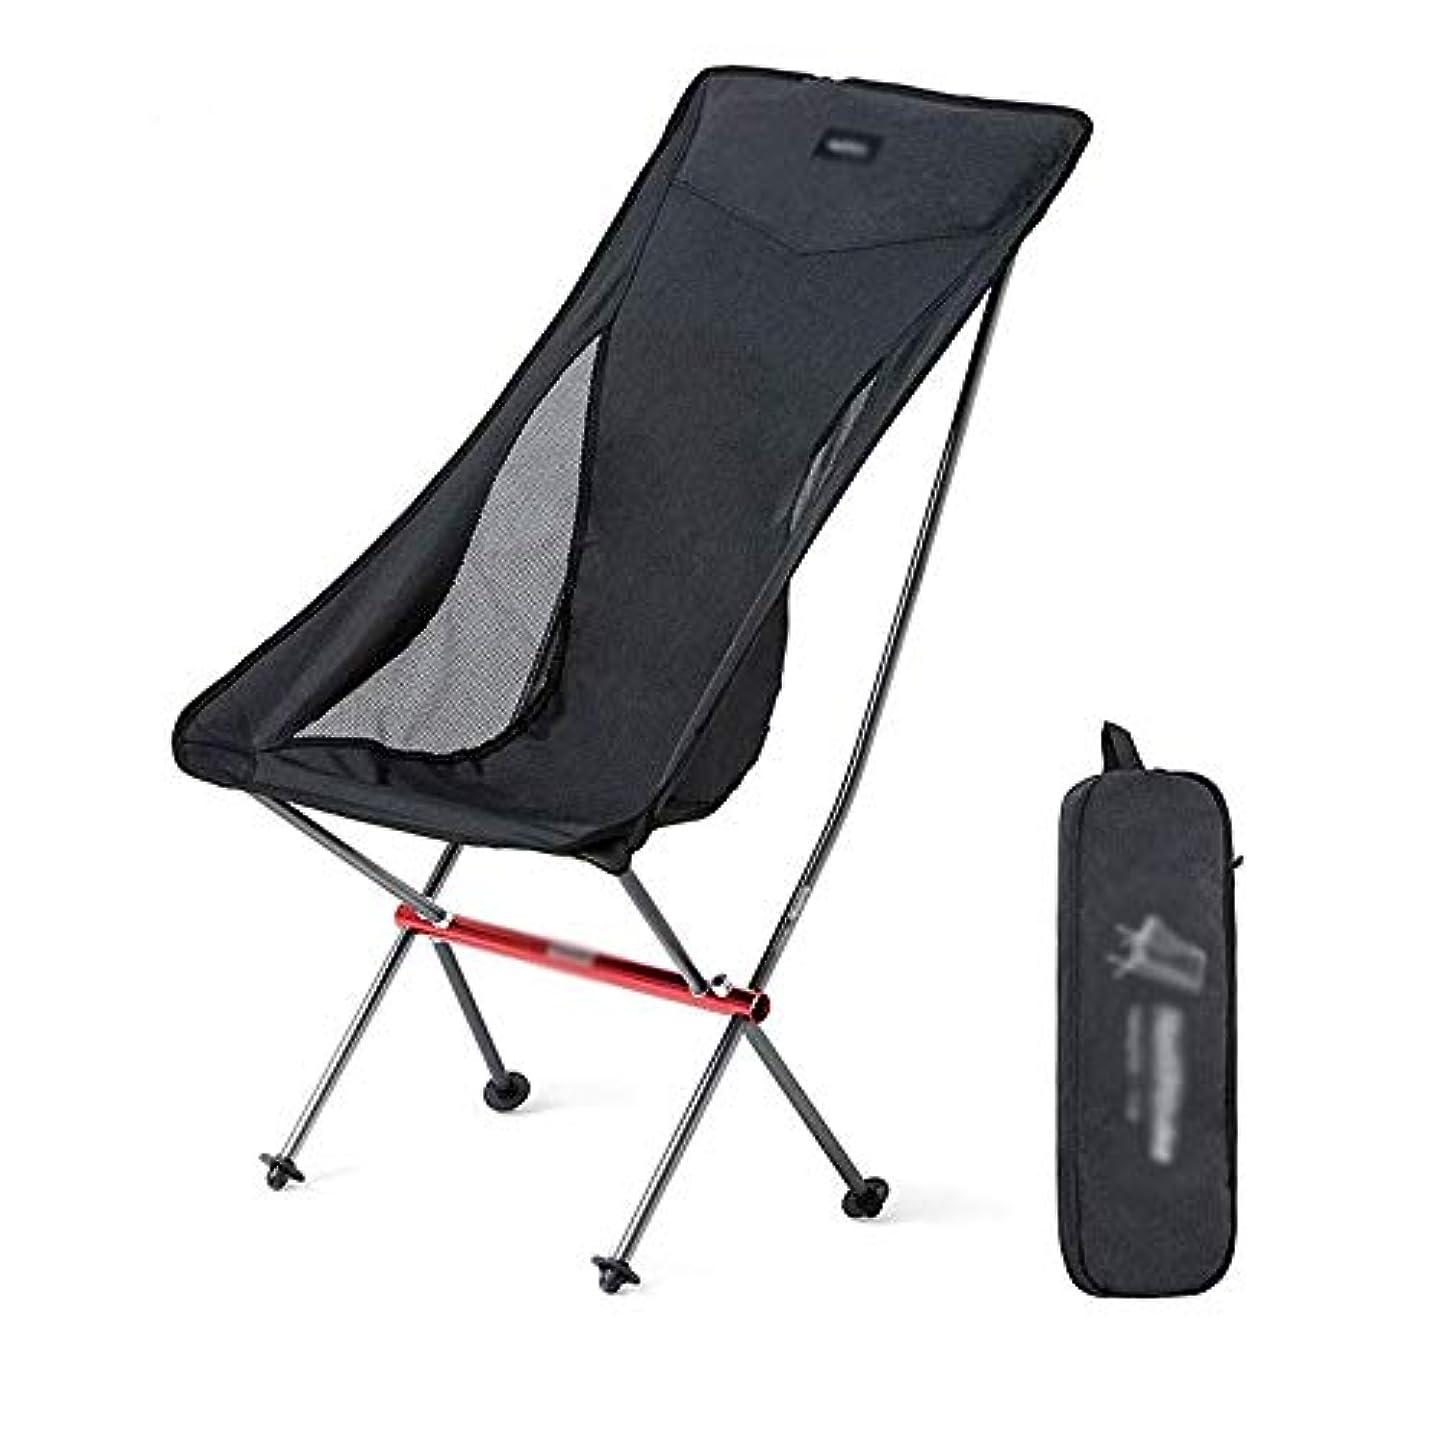 推進迅速アトミックポータブルキャンプチェア折りたたみ式釣りチェアは330ポンド、4つの交換可能な足をサポートします - 砂浜や柔らかい地面に沈むことはありませんビーチ、釣りハイキング、アウトドアフェスティバルに最適 アウトドア キャンプ用 (色 : ブラック, サイズ : Free size)